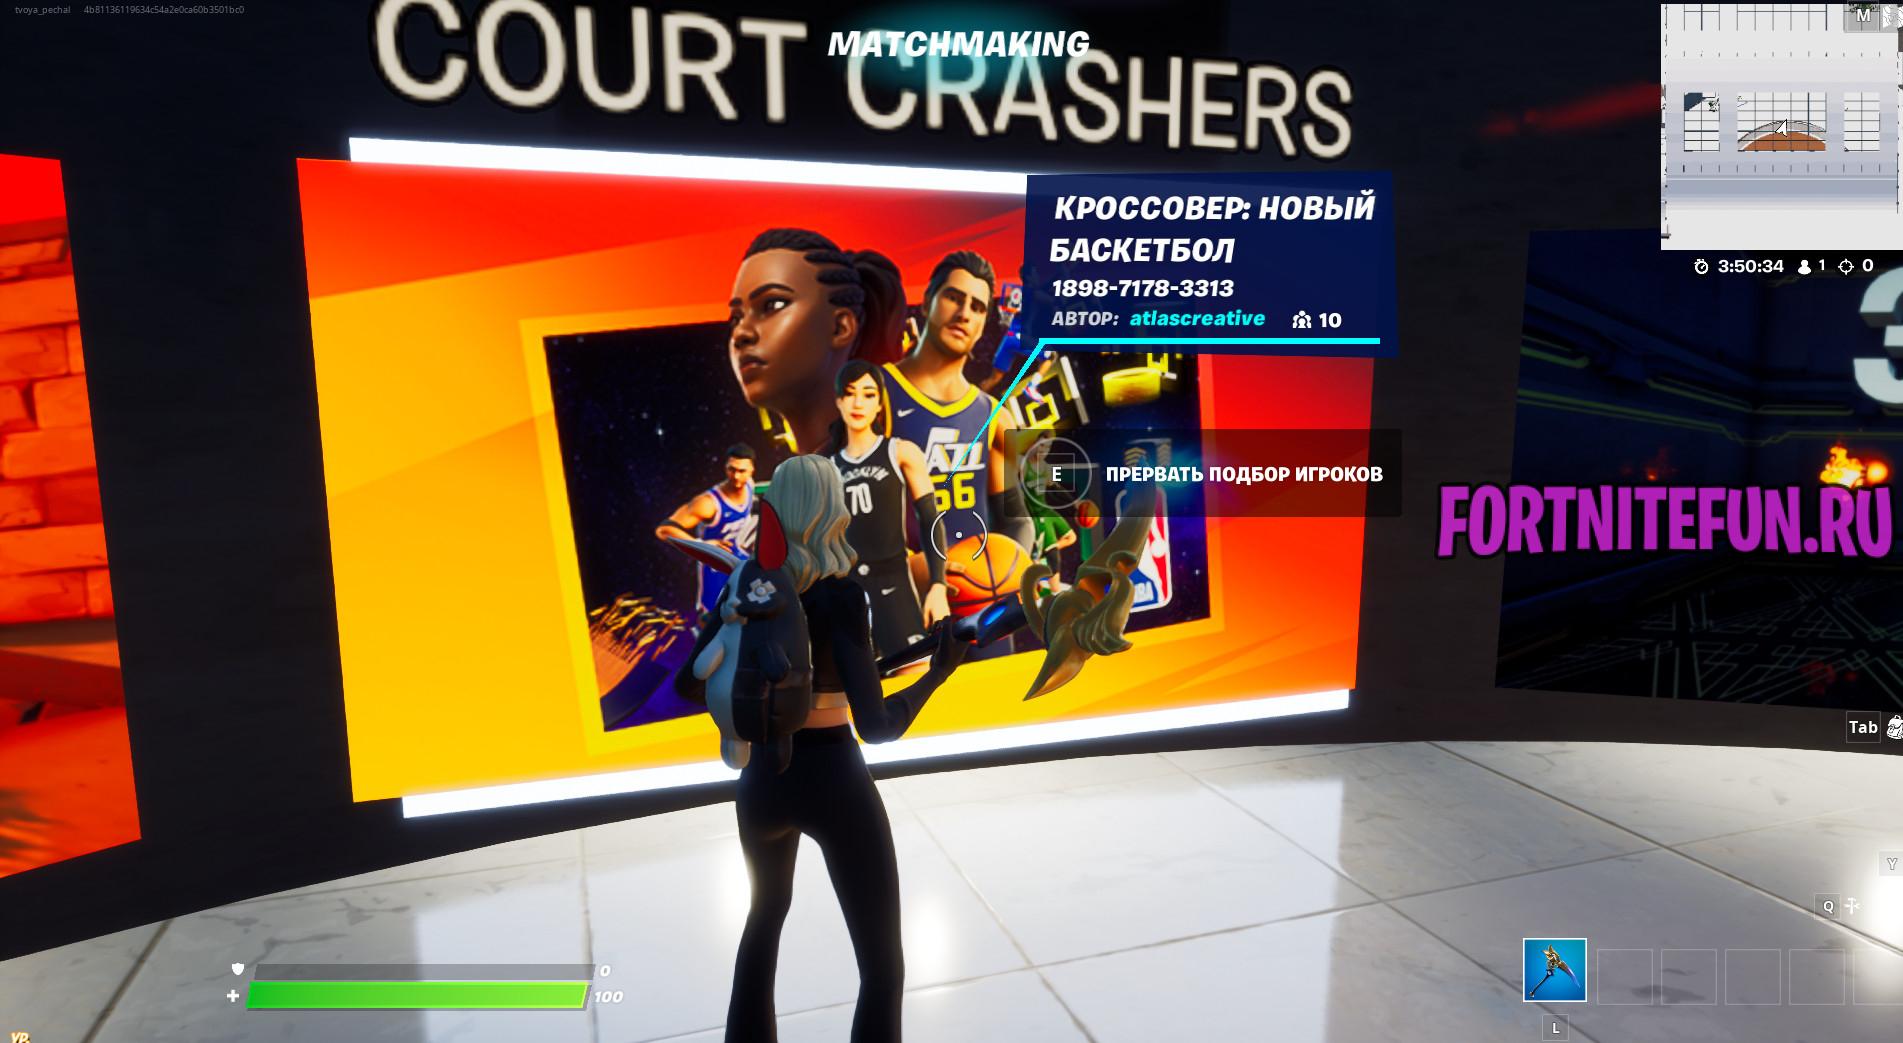 матч в режиме Новый баскетбол 3 - Испытания NBA в творческом режиме на опыт - прохождение